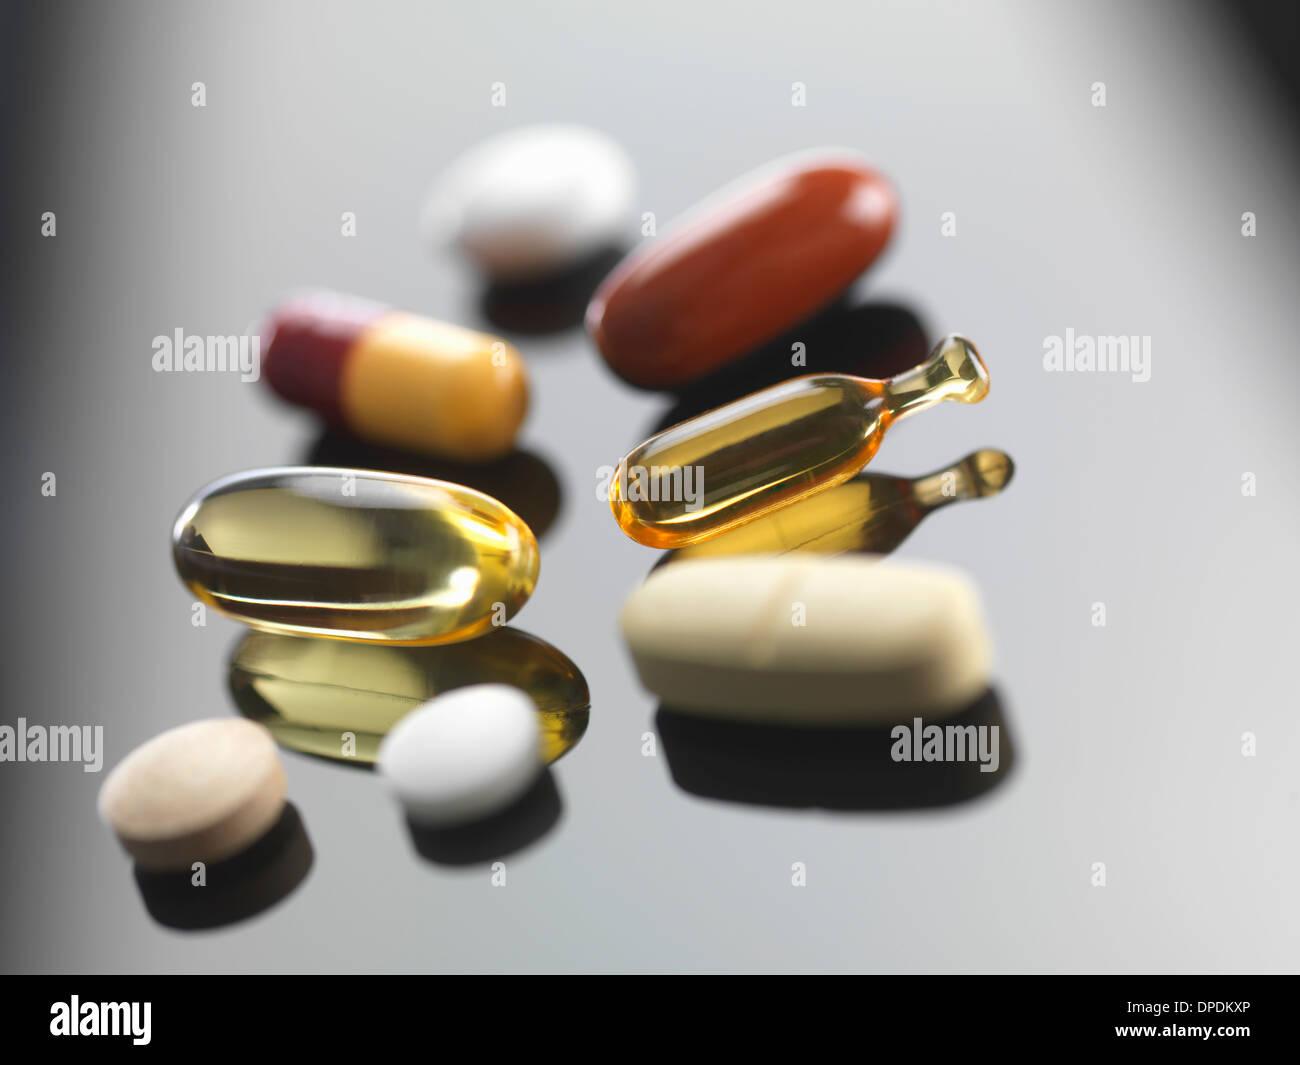 Una selección de vitaminas y suplementos herbales Imagen De Stock